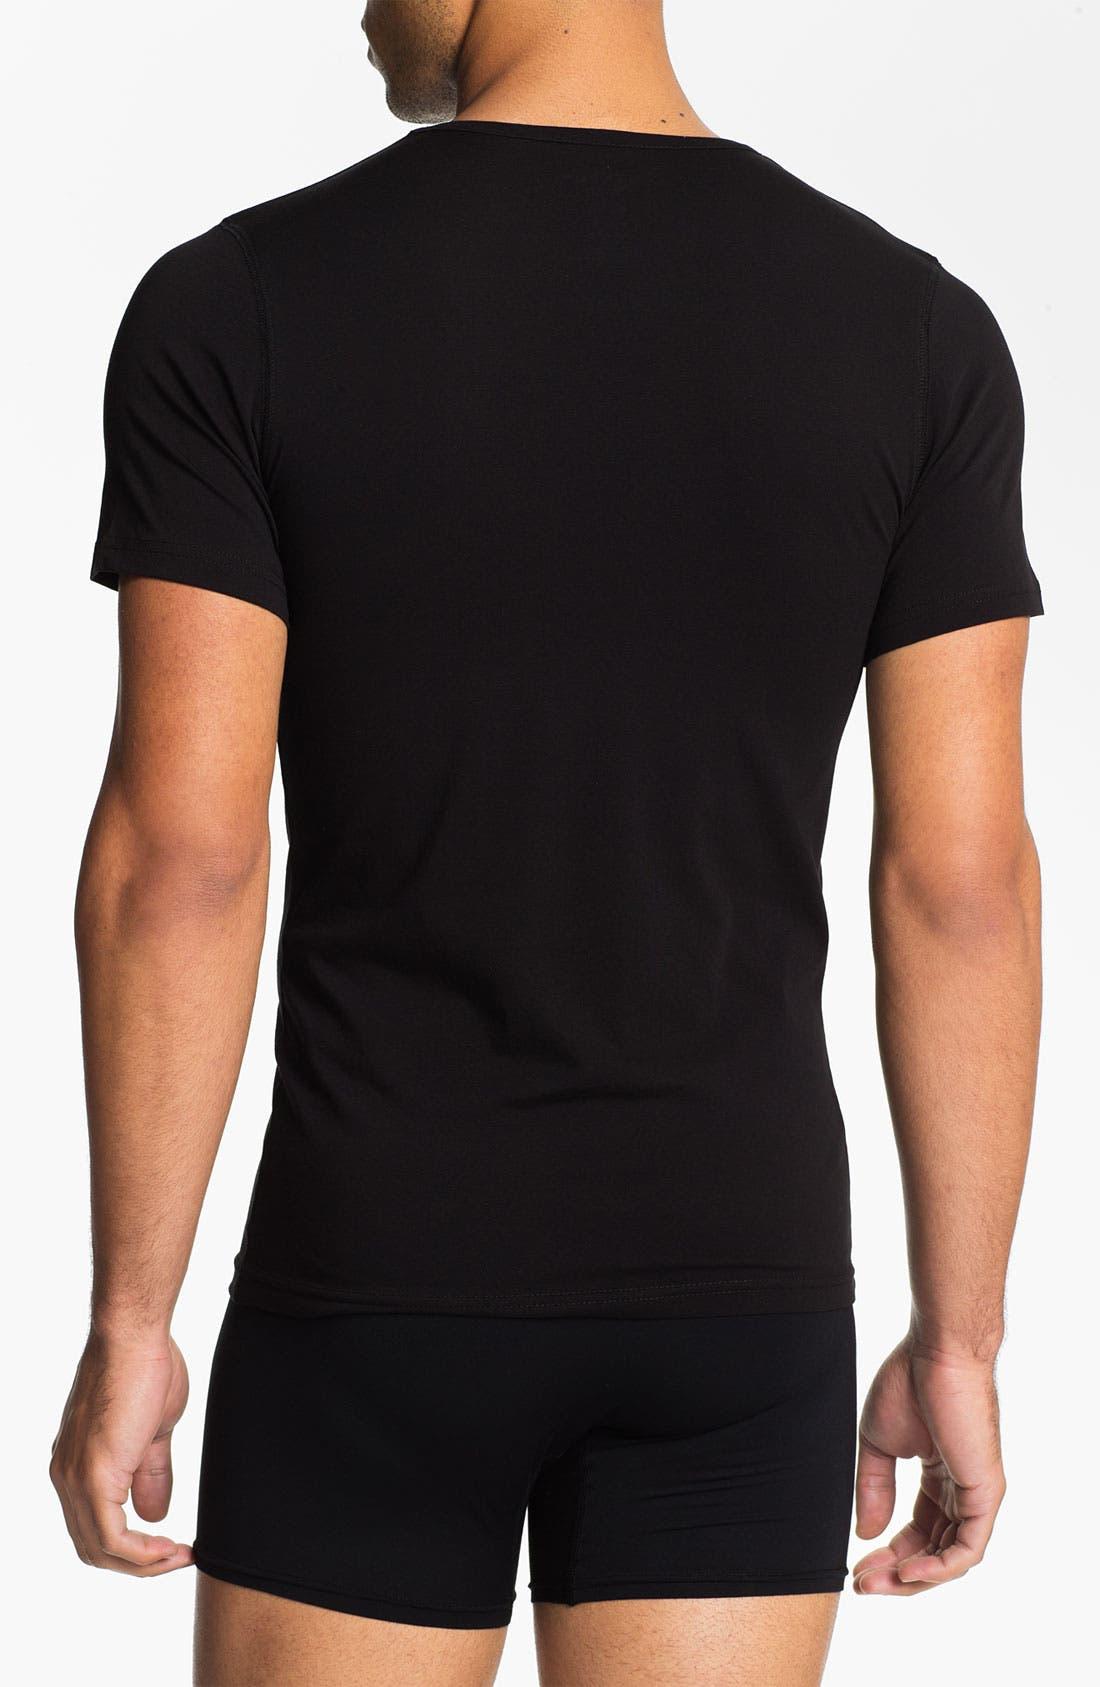 Alternate Image 2  - Naked Crewneck Cotton Undershirt